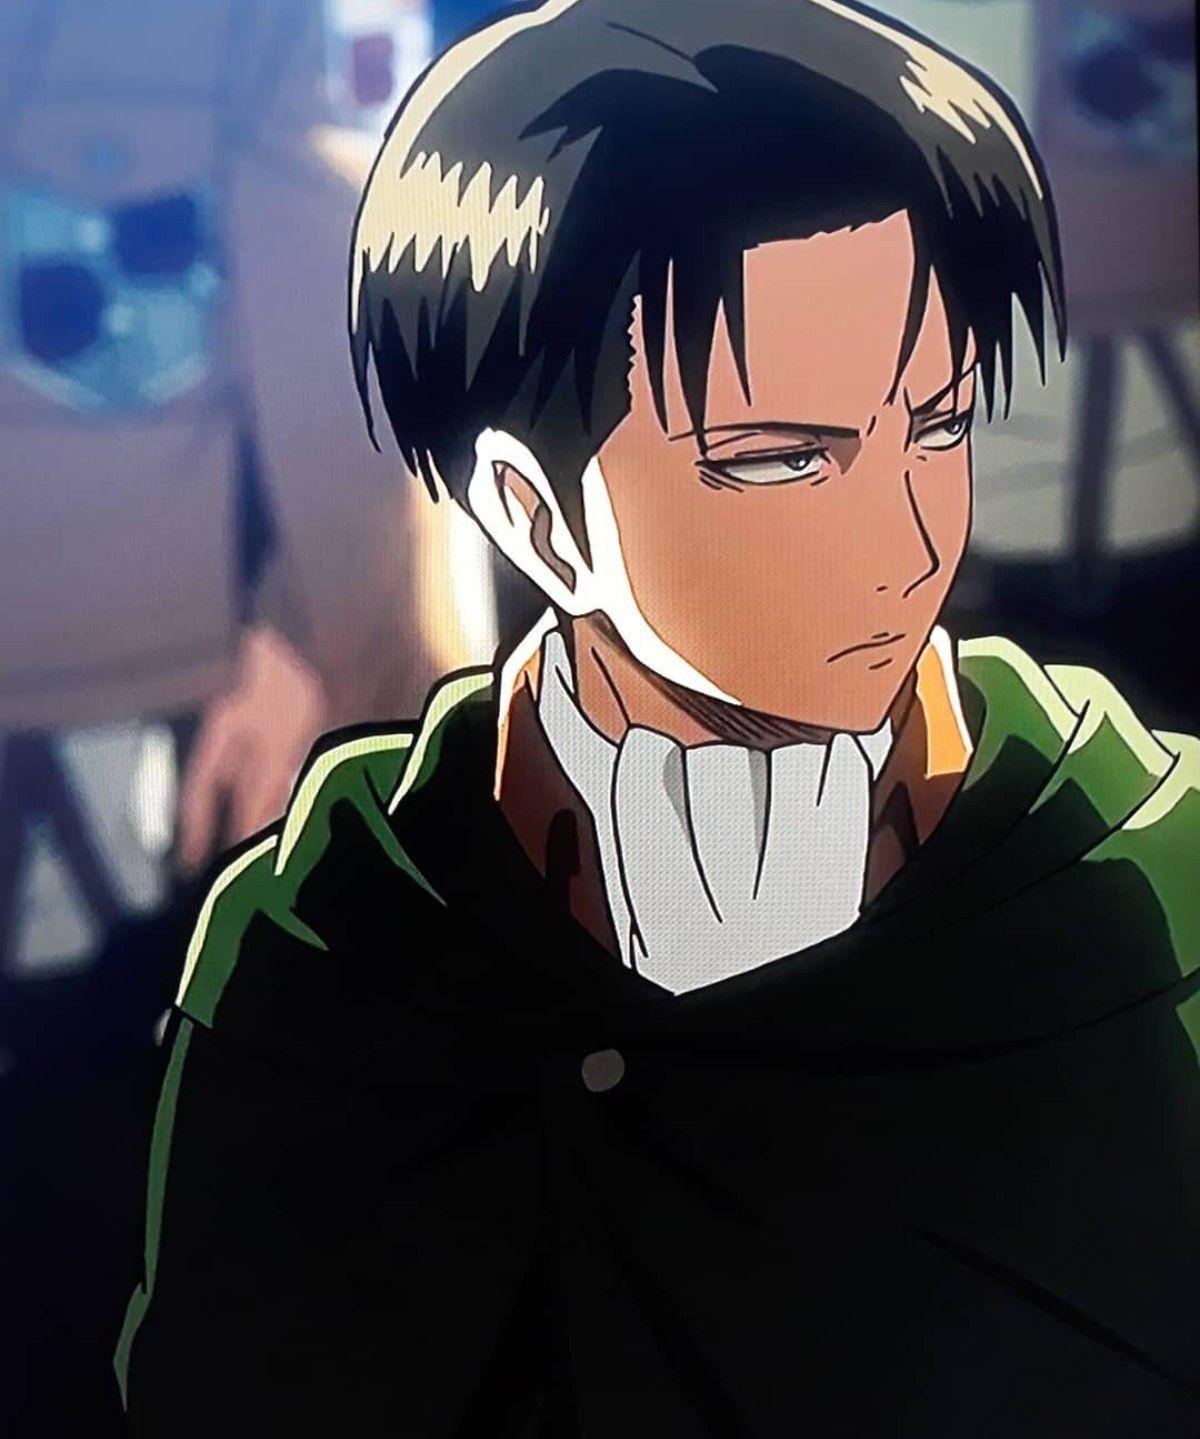 Attack On Titan Levi In 2020 Attack On Titan Levi Attack On Titan Anime